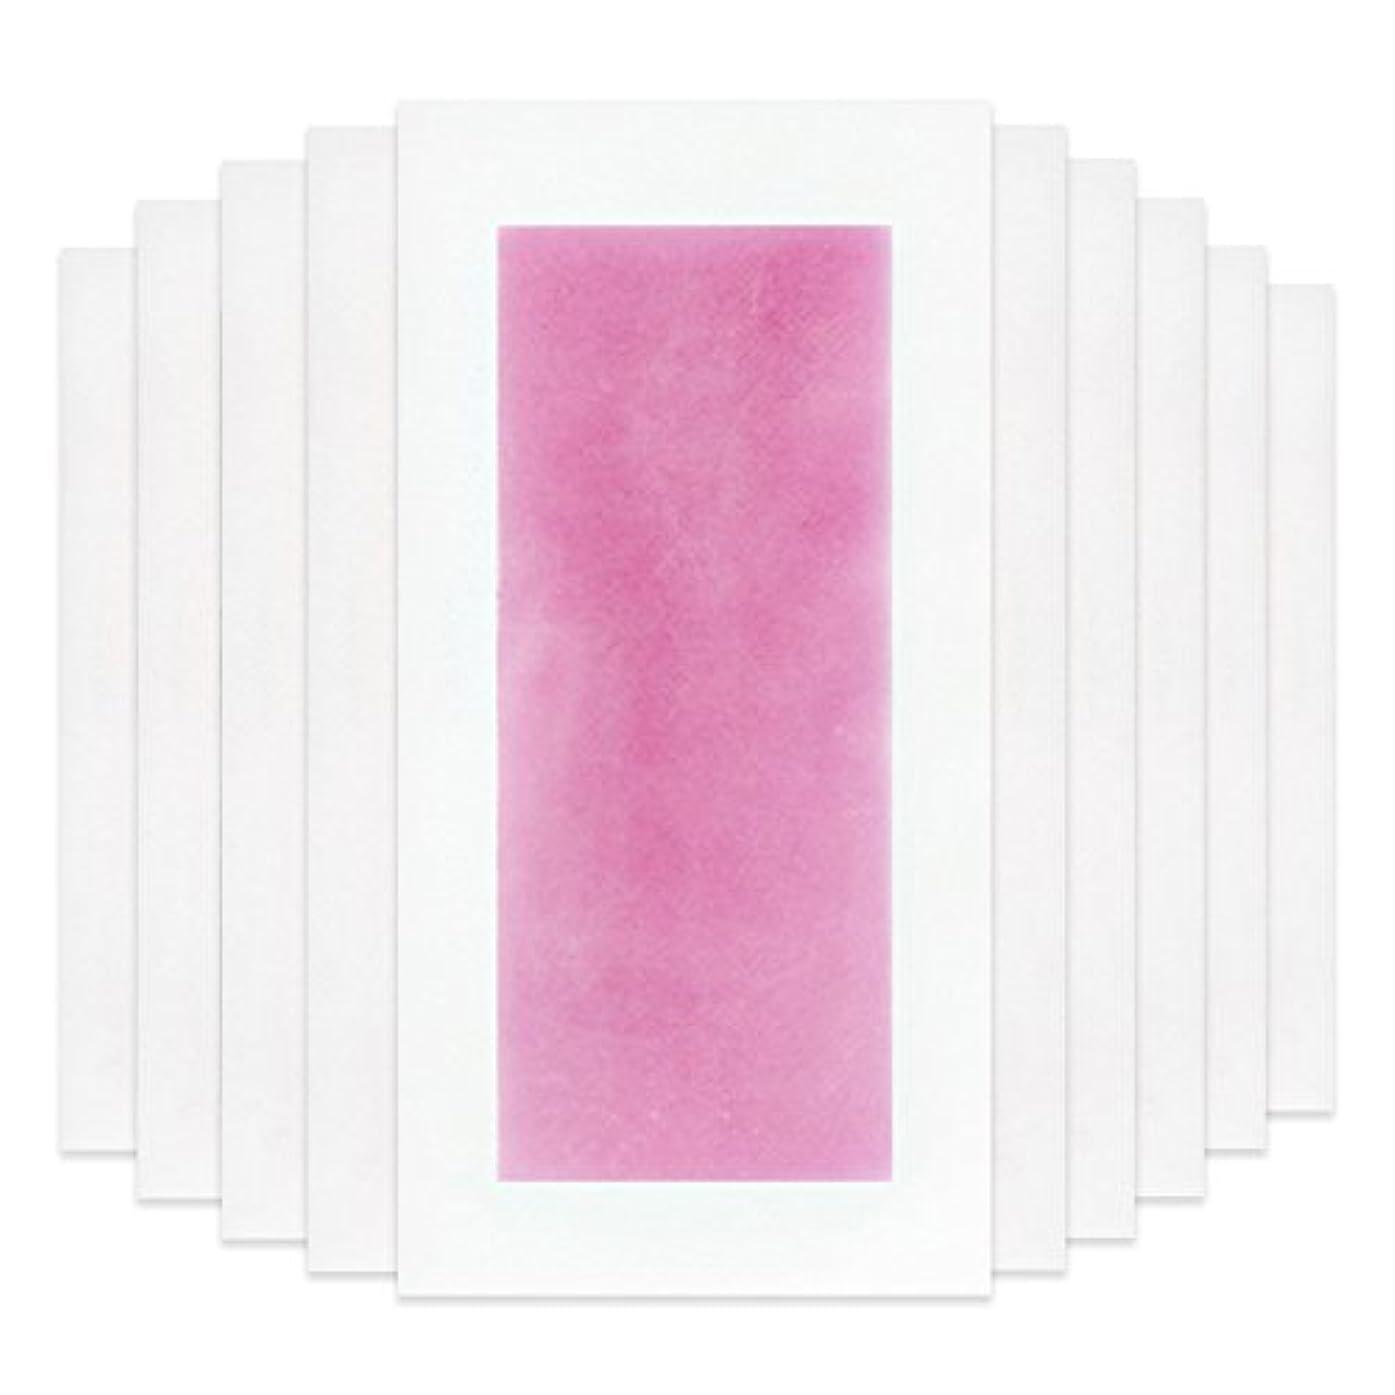 微弱建築衣服Rabugoo セクシー 脚の身体の顔のための10個のプロフェッショナルな夏の脱毛ダブルサイドコールドワックスストリップ紙 Pink